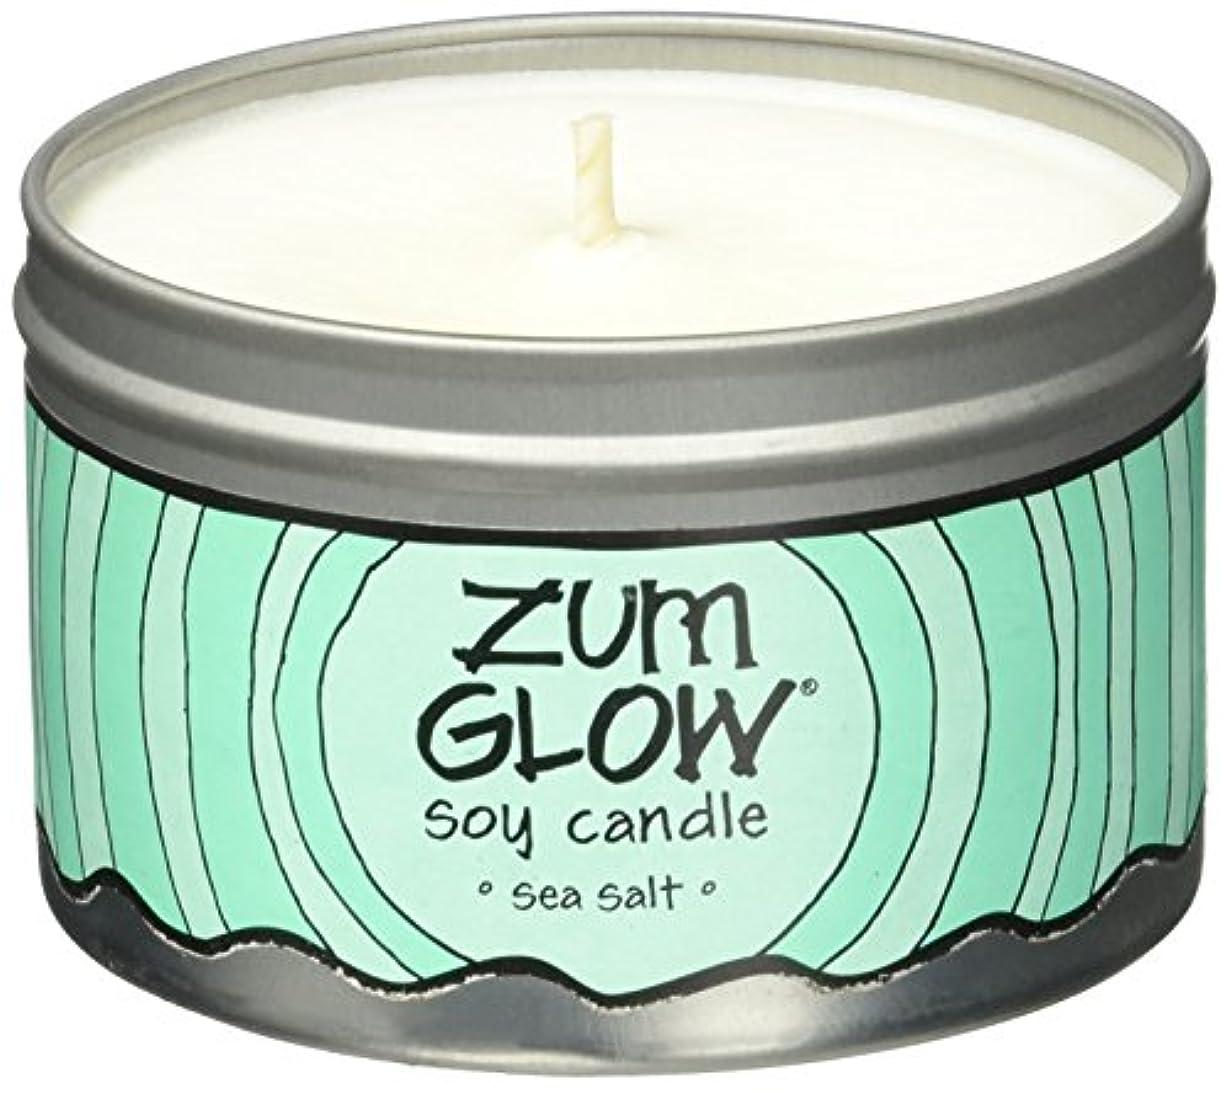 申請者強大な出力Indigo Wild Zum Glow Soy Candles, Sea Salt [並行輸入品]